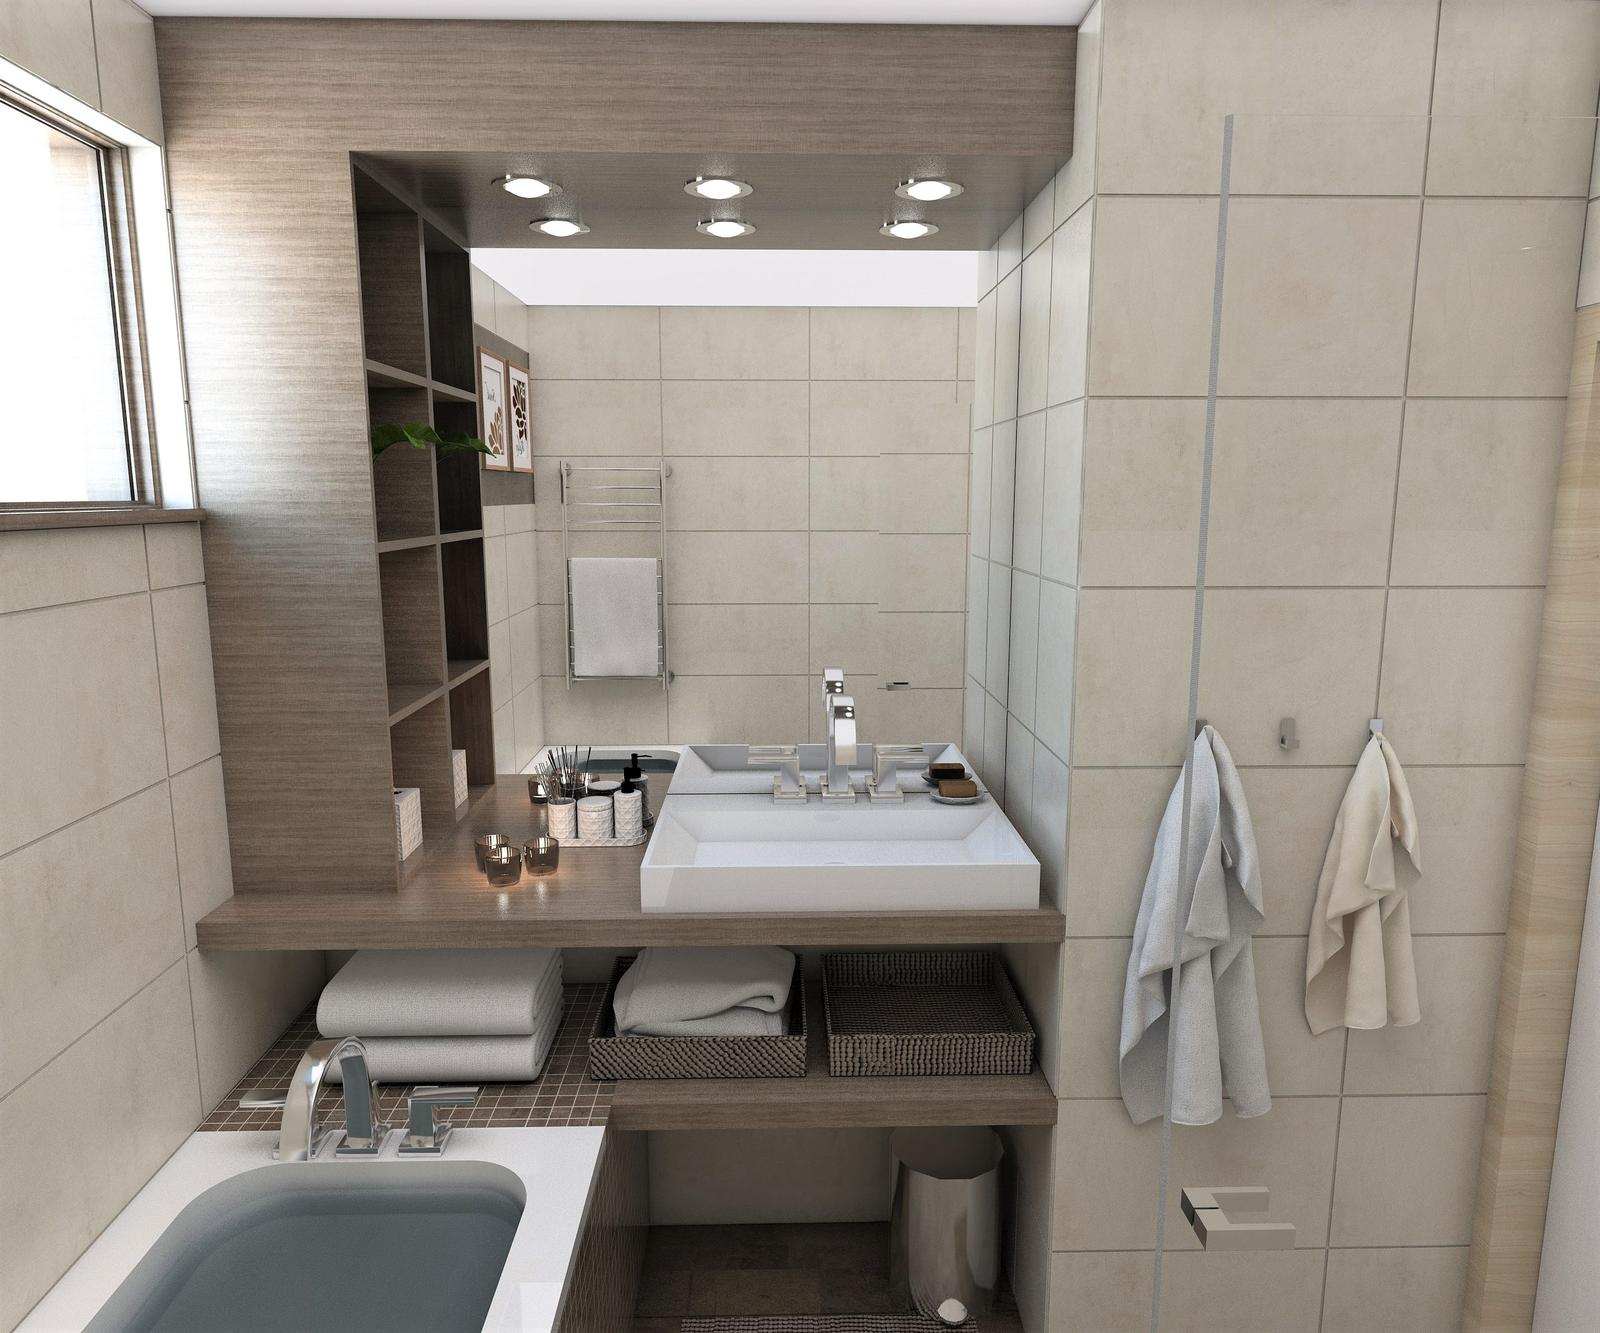 Kúpeľne- vizualizácie - Obrázok č. 71